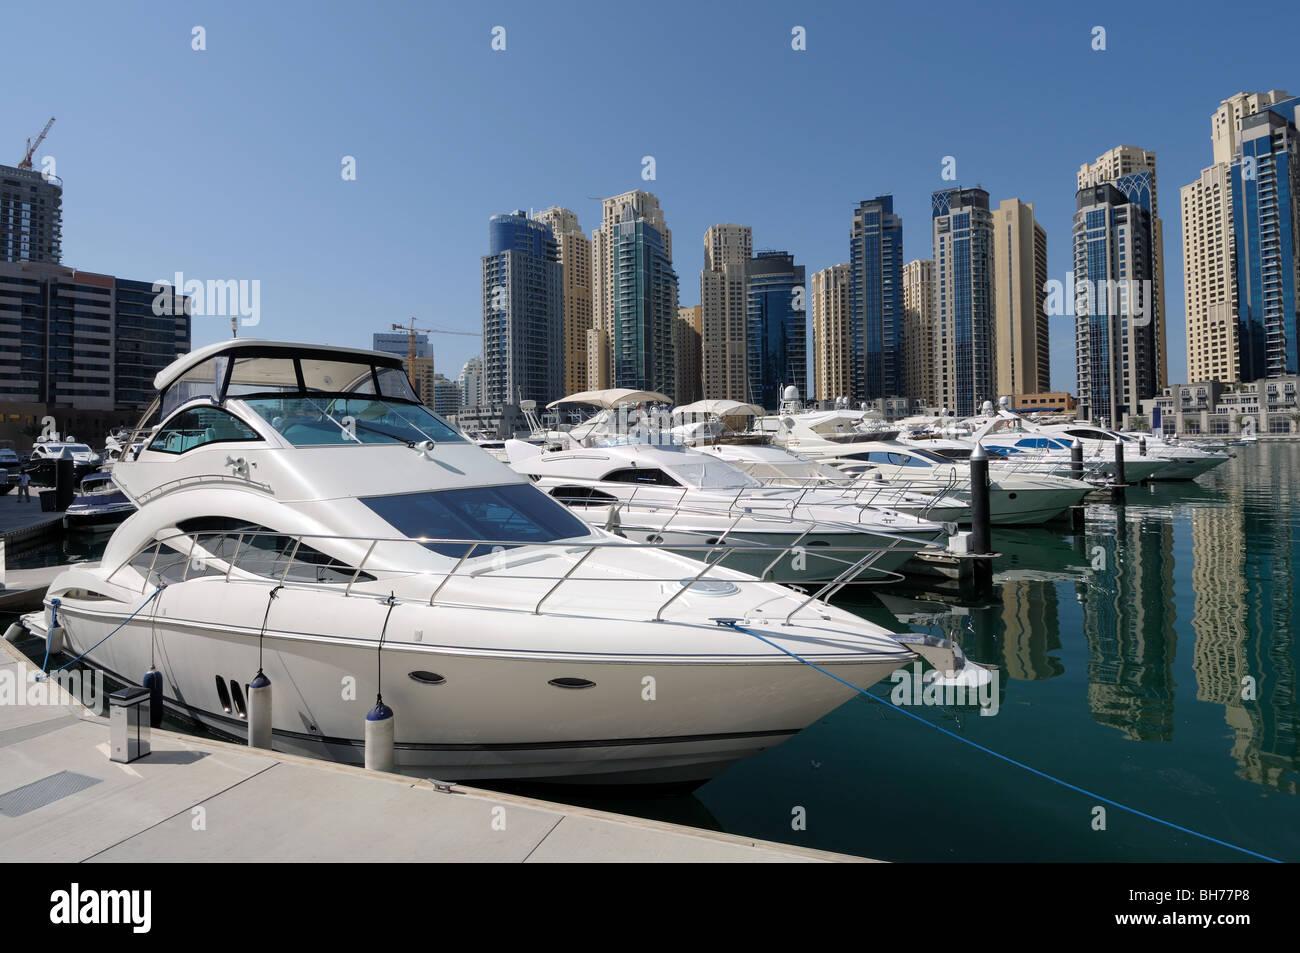 Luxury Yachts at Dubai Marina. Dubai United Arab Emirates - Stock Image